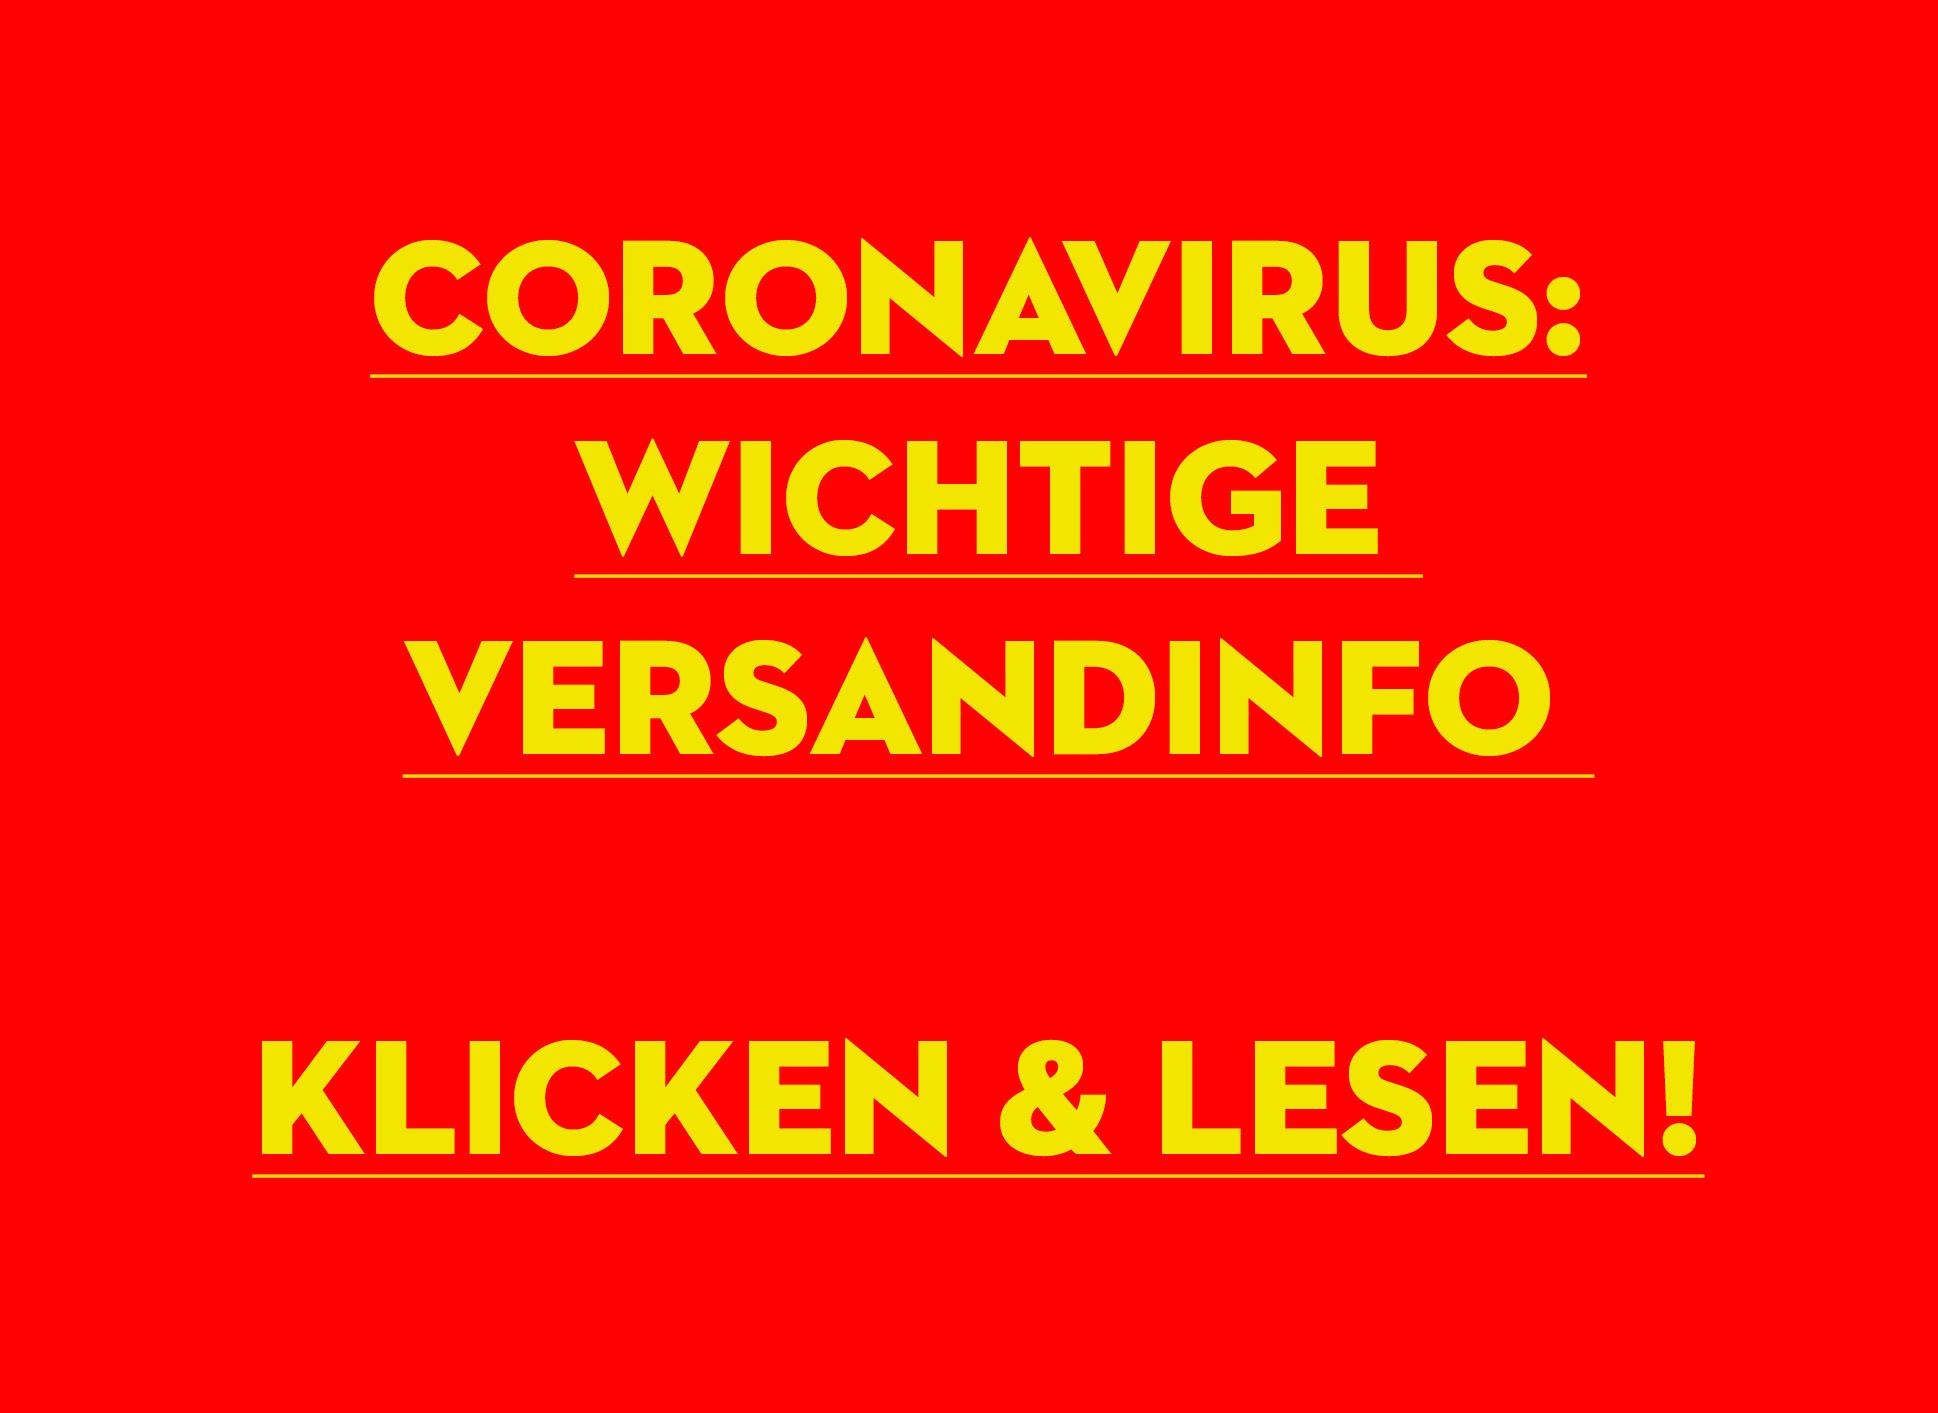 Corona Versandinfos